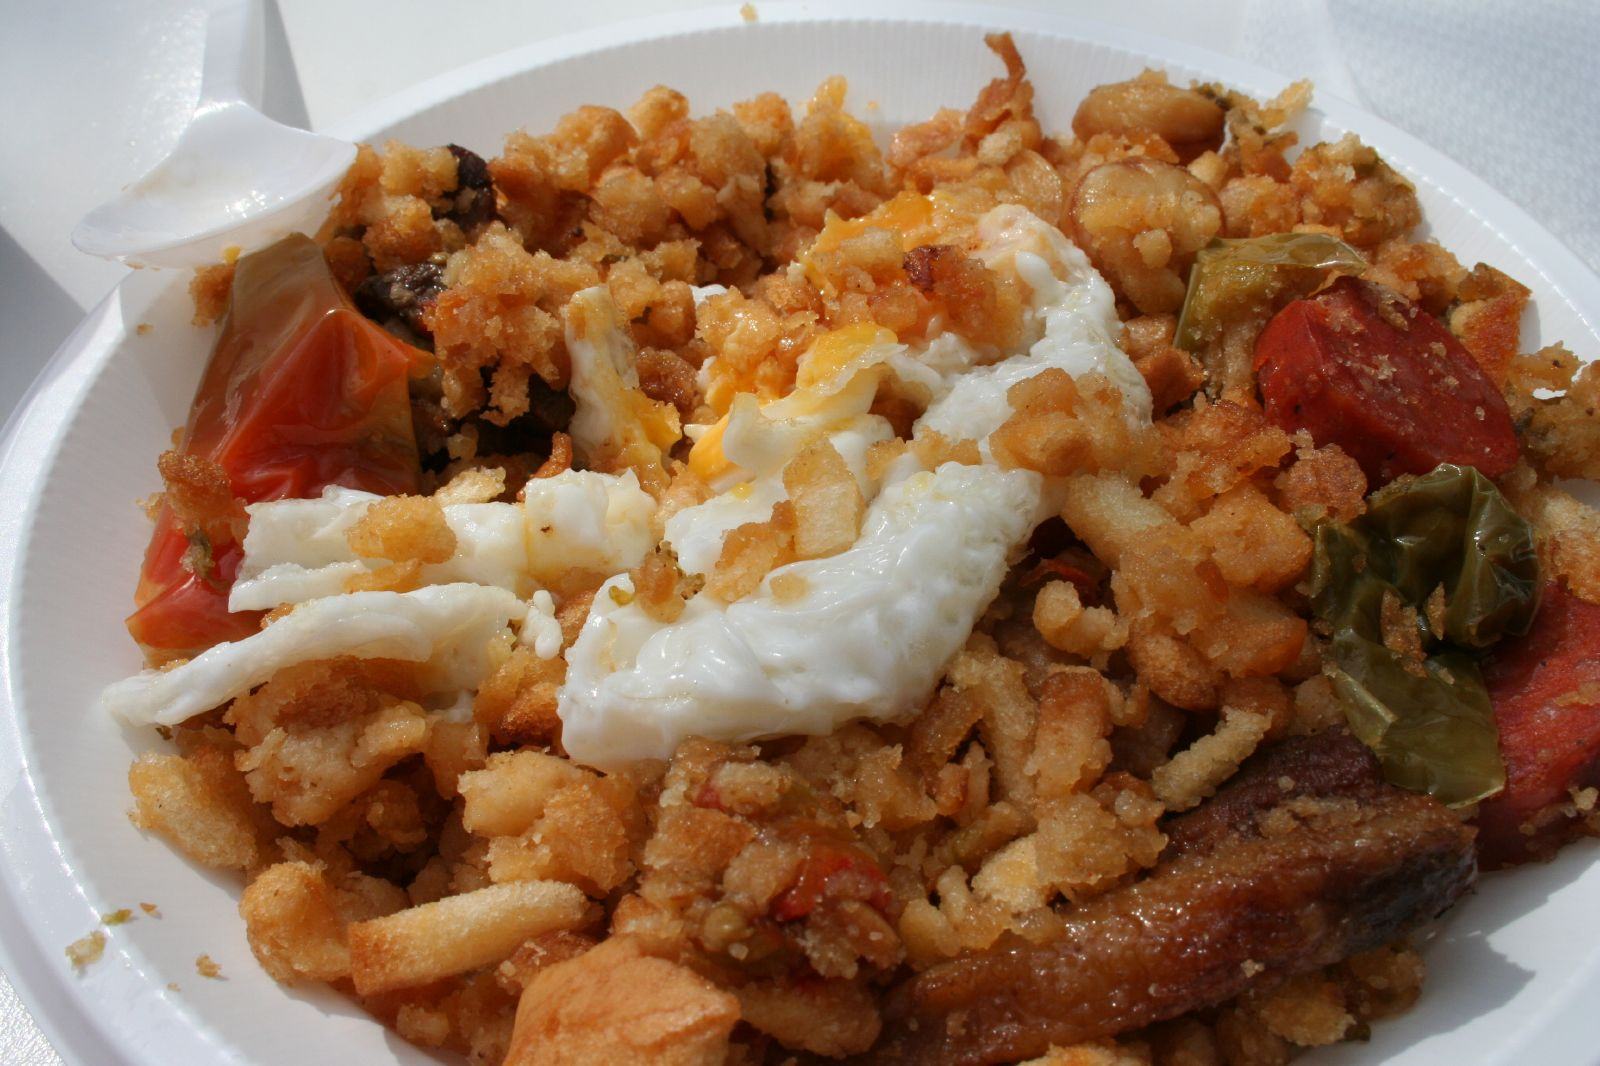 migas-castellanas-castilla-la-mancha-comida-platos-tipicos